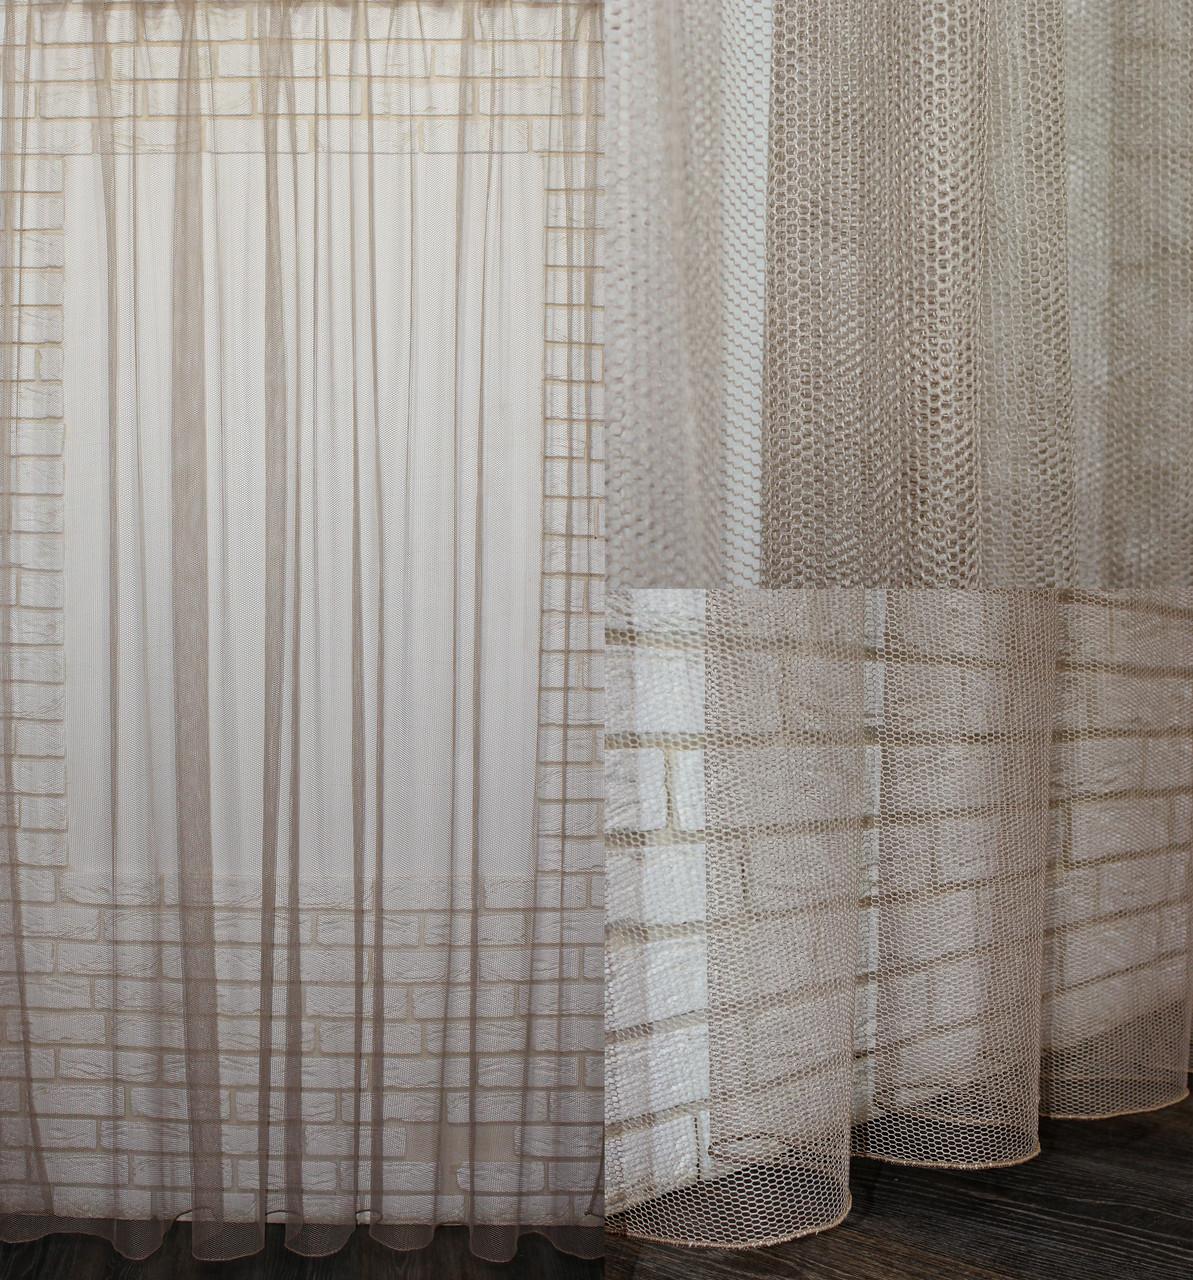 """Тюль фатин """"Грек сітка"""" Туреччина (3х2,5) однотонний, колір капучіно. Код 617т 40-280"""